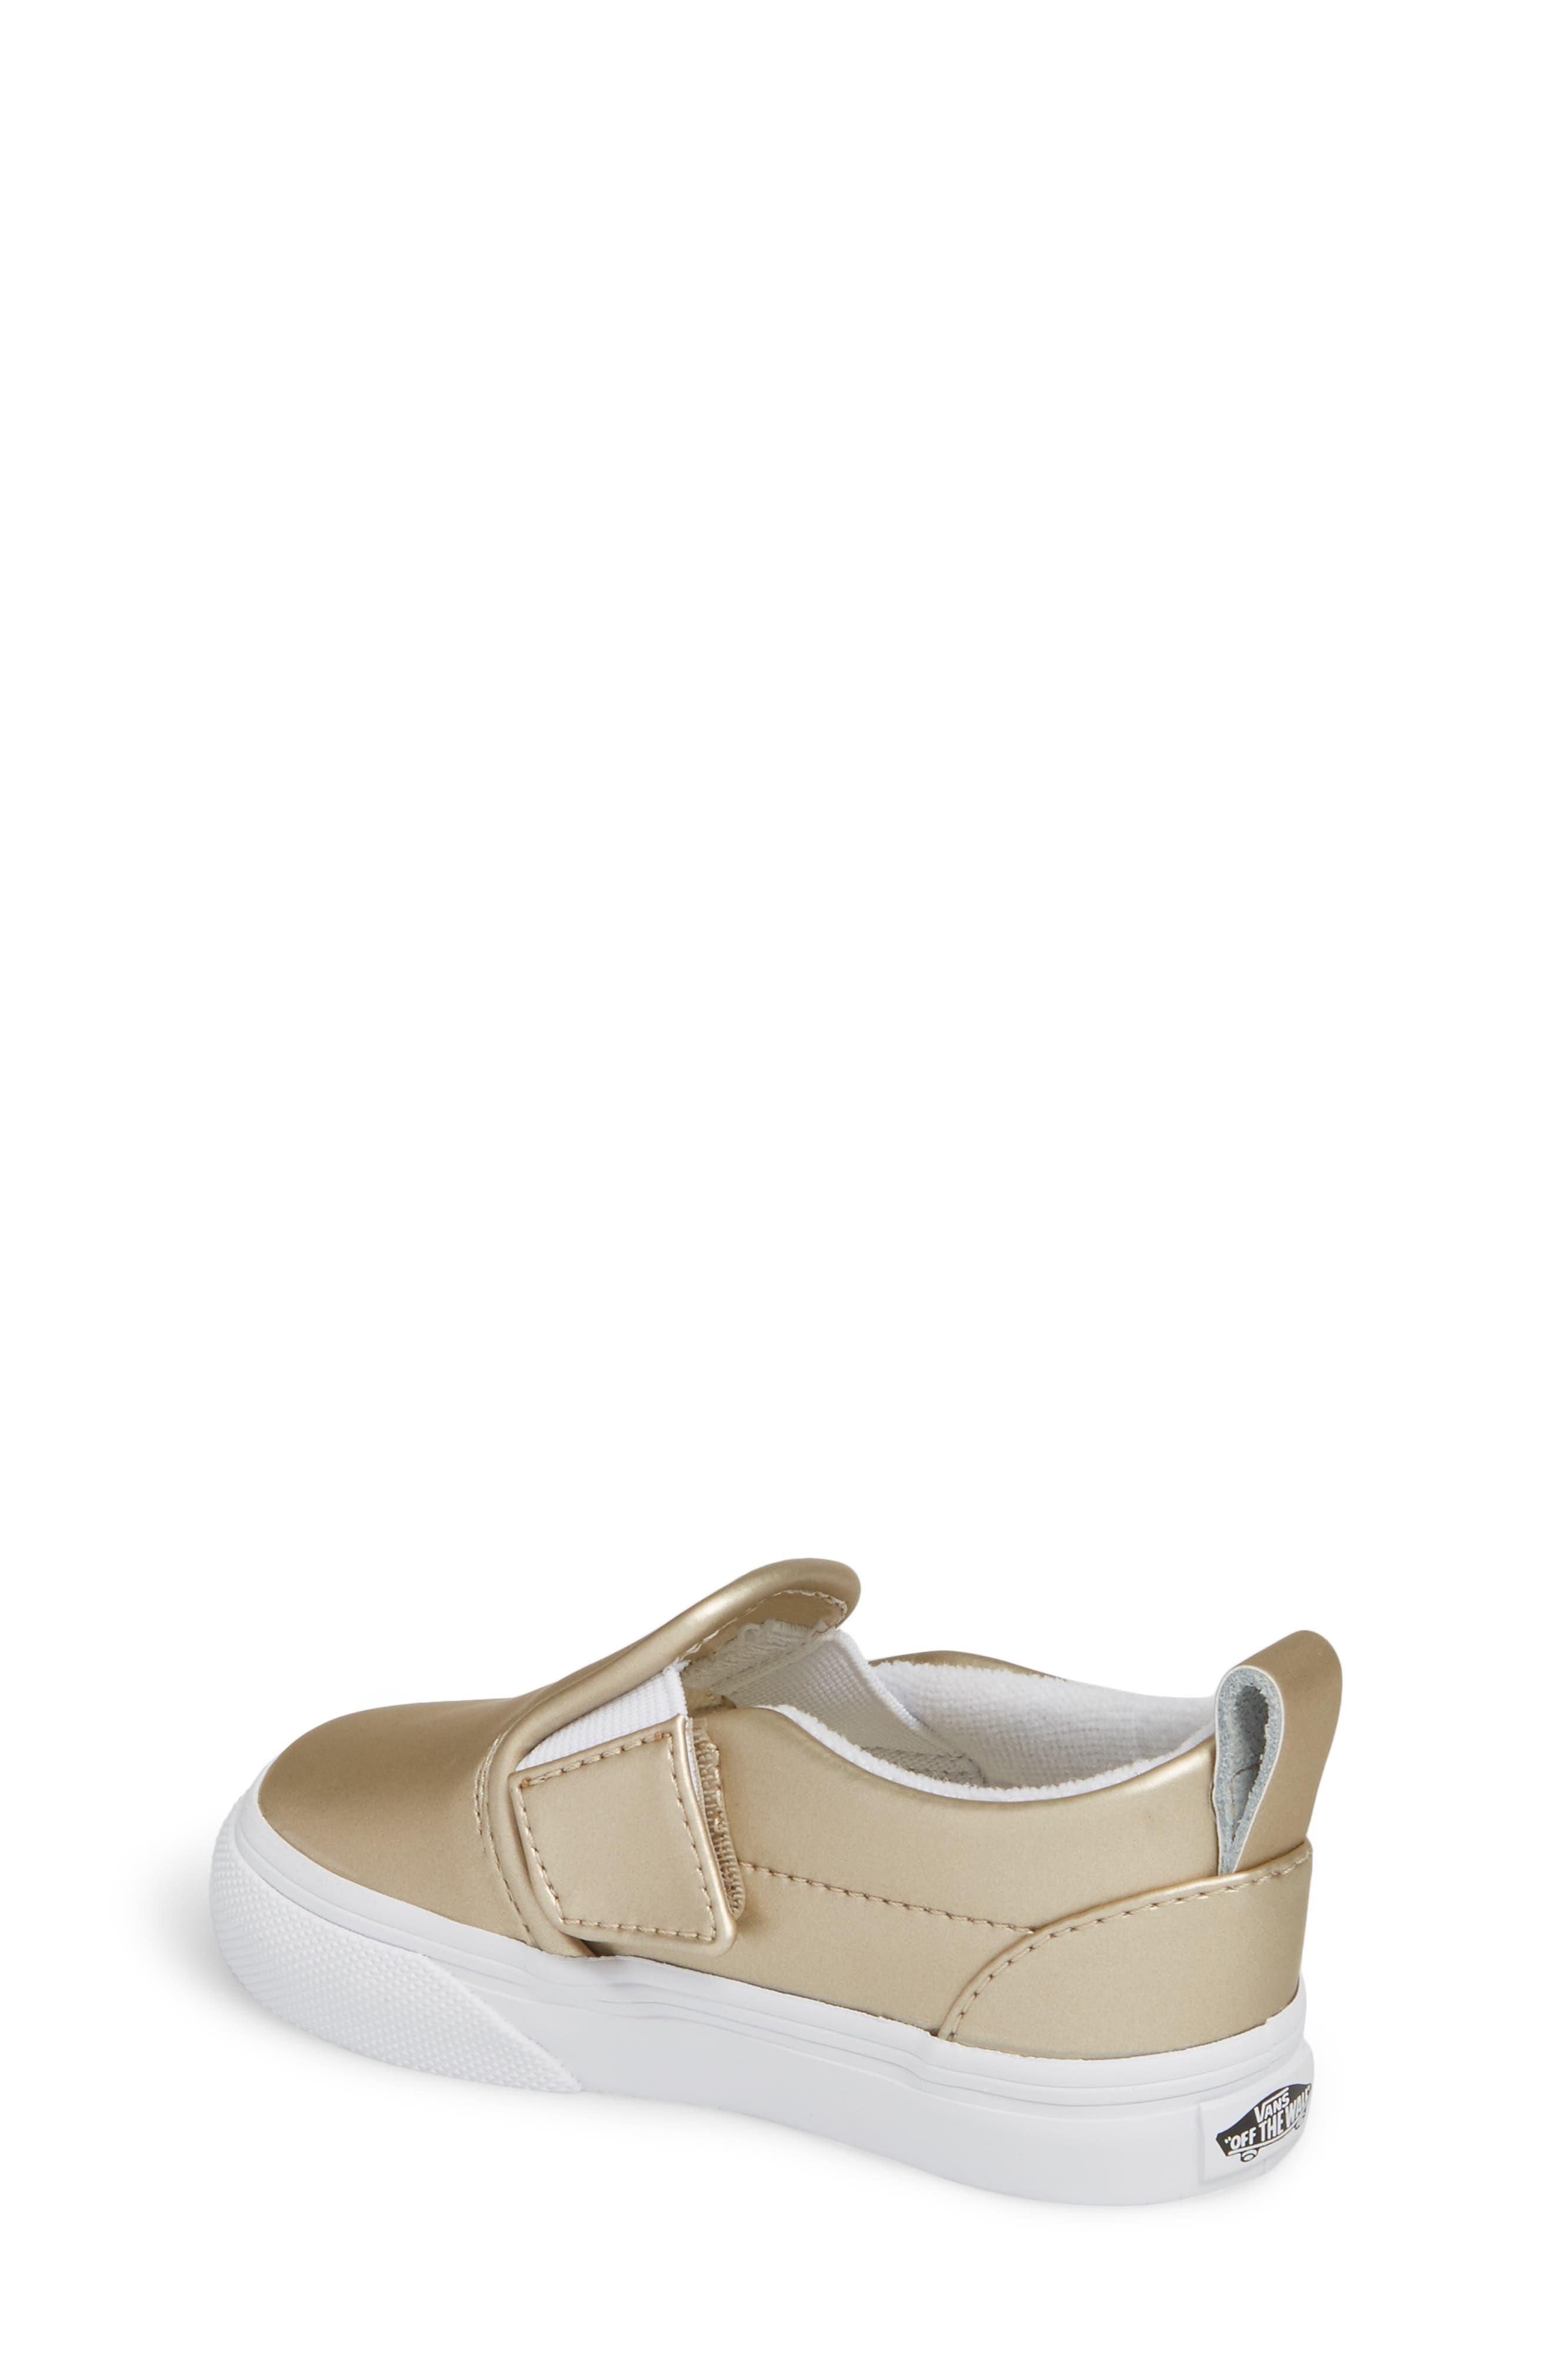 Classic Slip-On V Sneaker,                             Alternate thumbnail 2, color,                             Muted Metallic Gold/ White